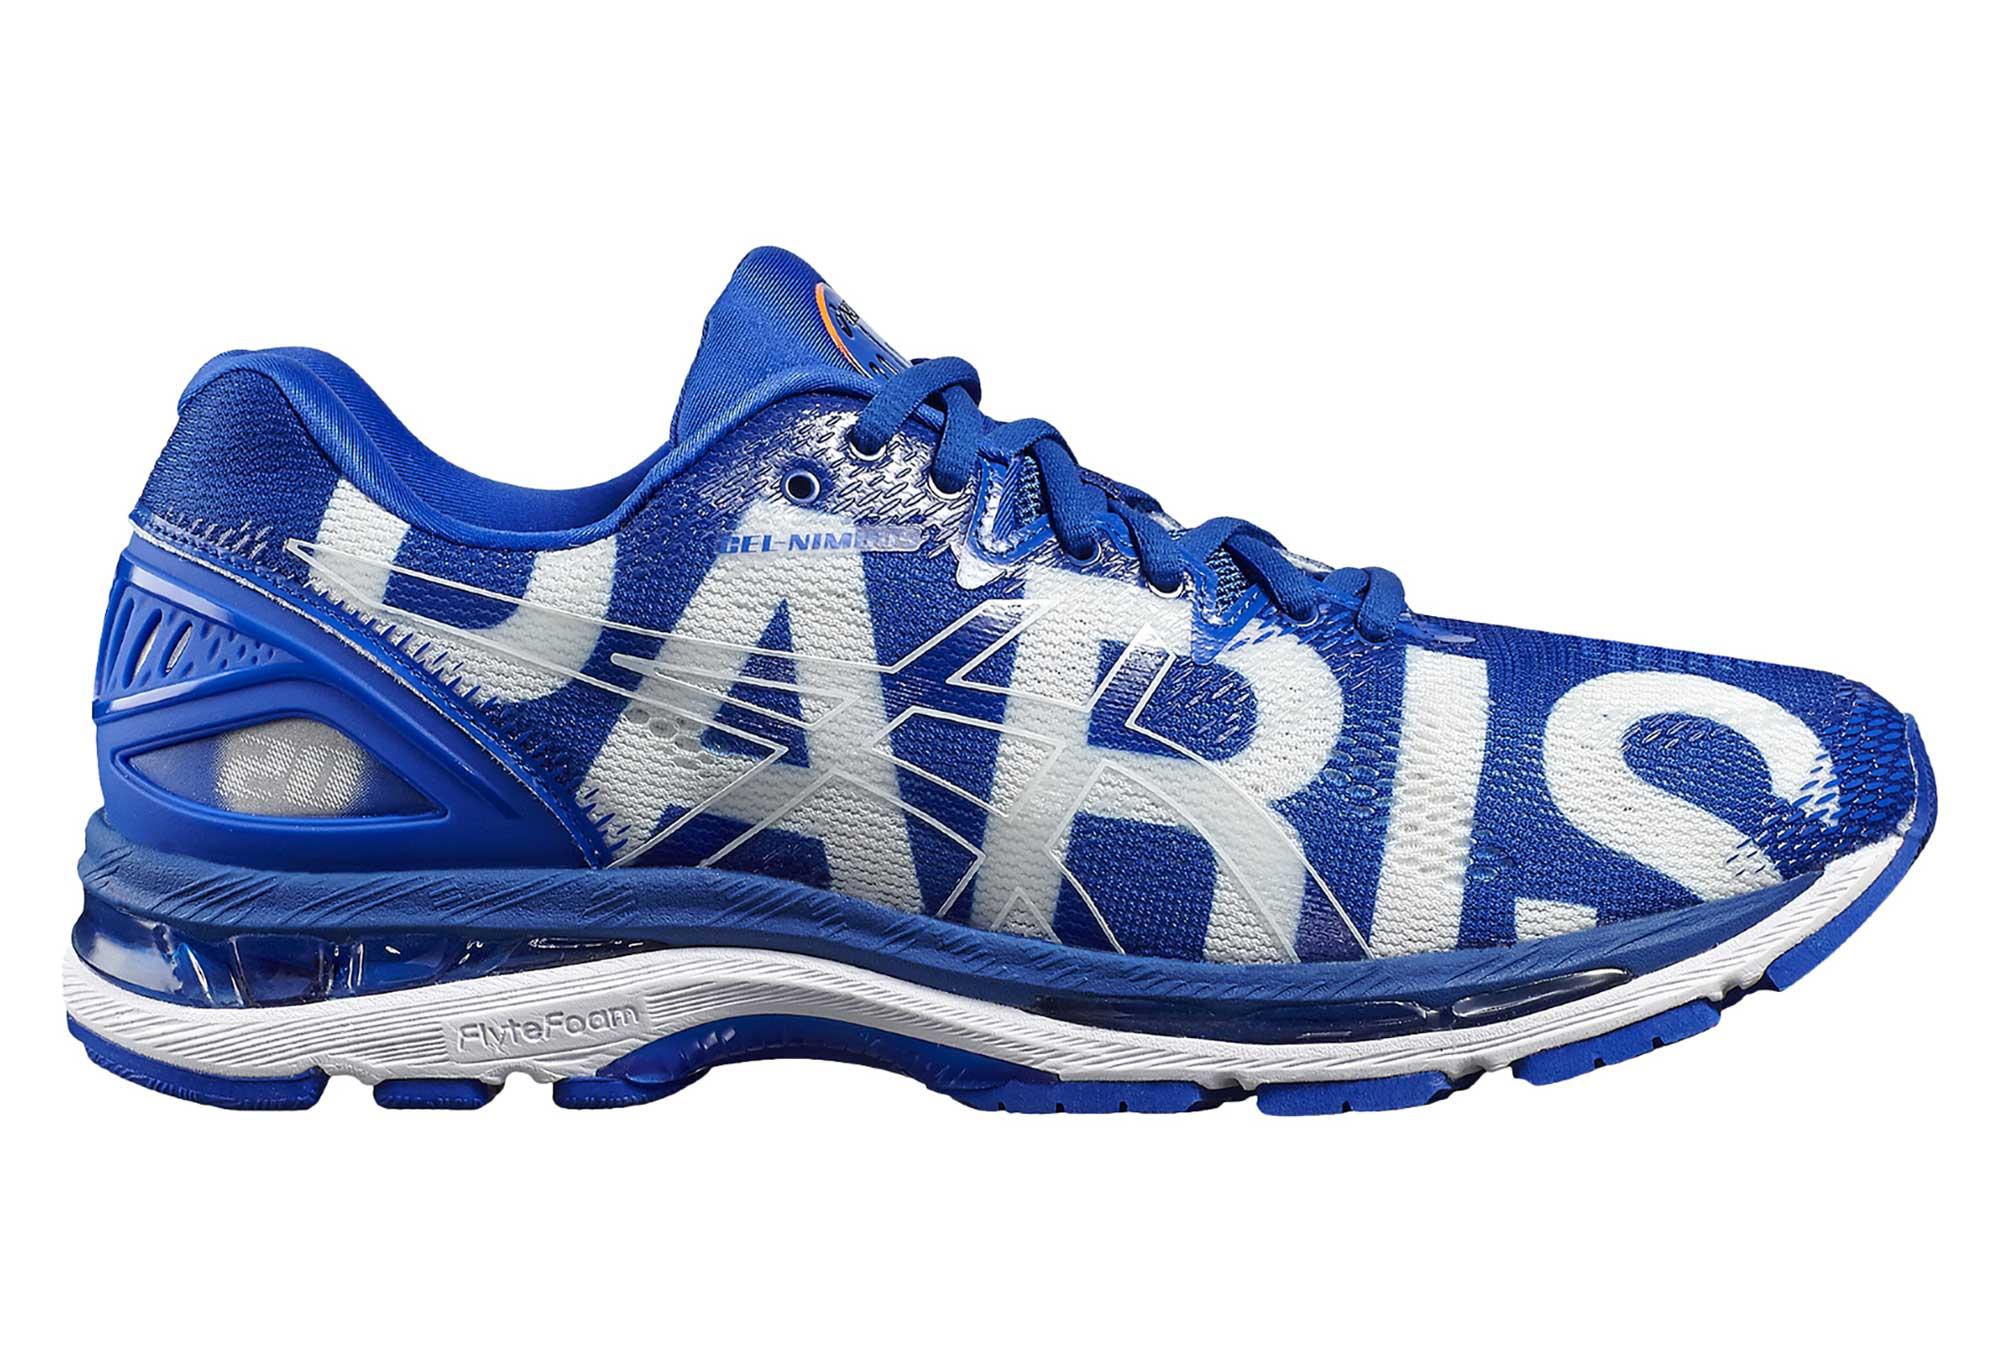 Hommes Gel Nimbus 20 Chaussures De Course Marathon Paris Asics BHCAu